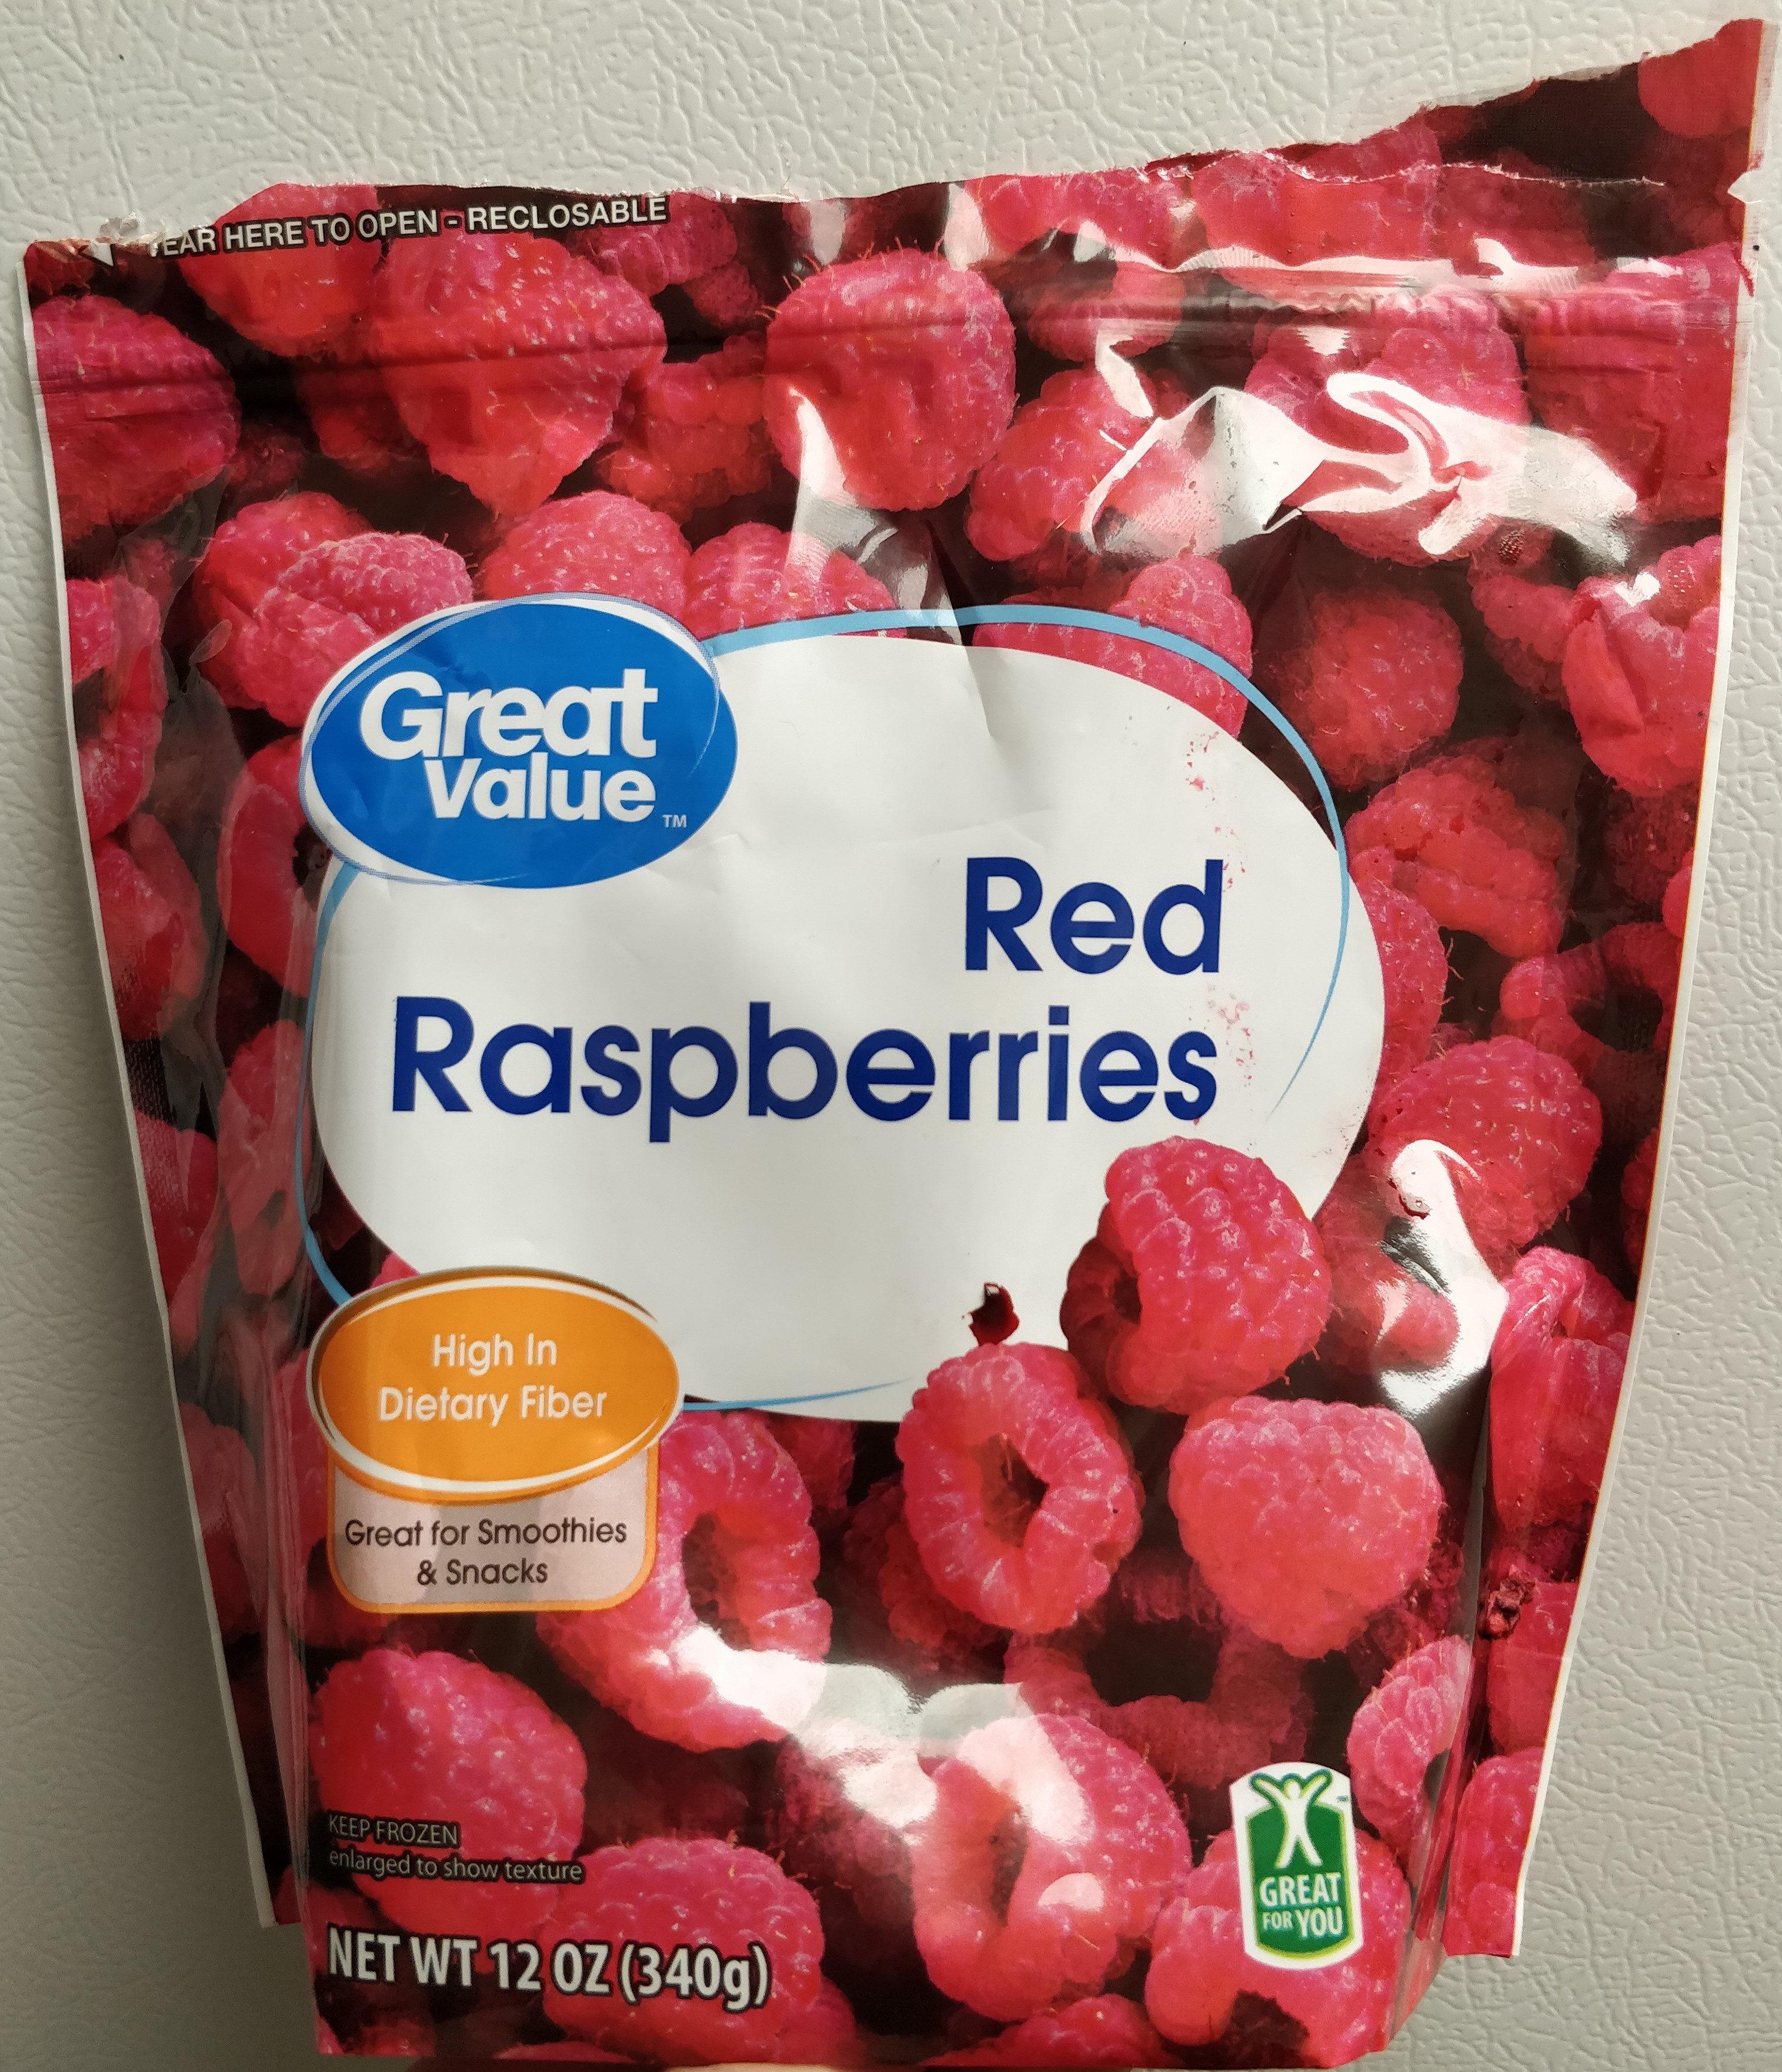 Red Raspberries - Produit - en